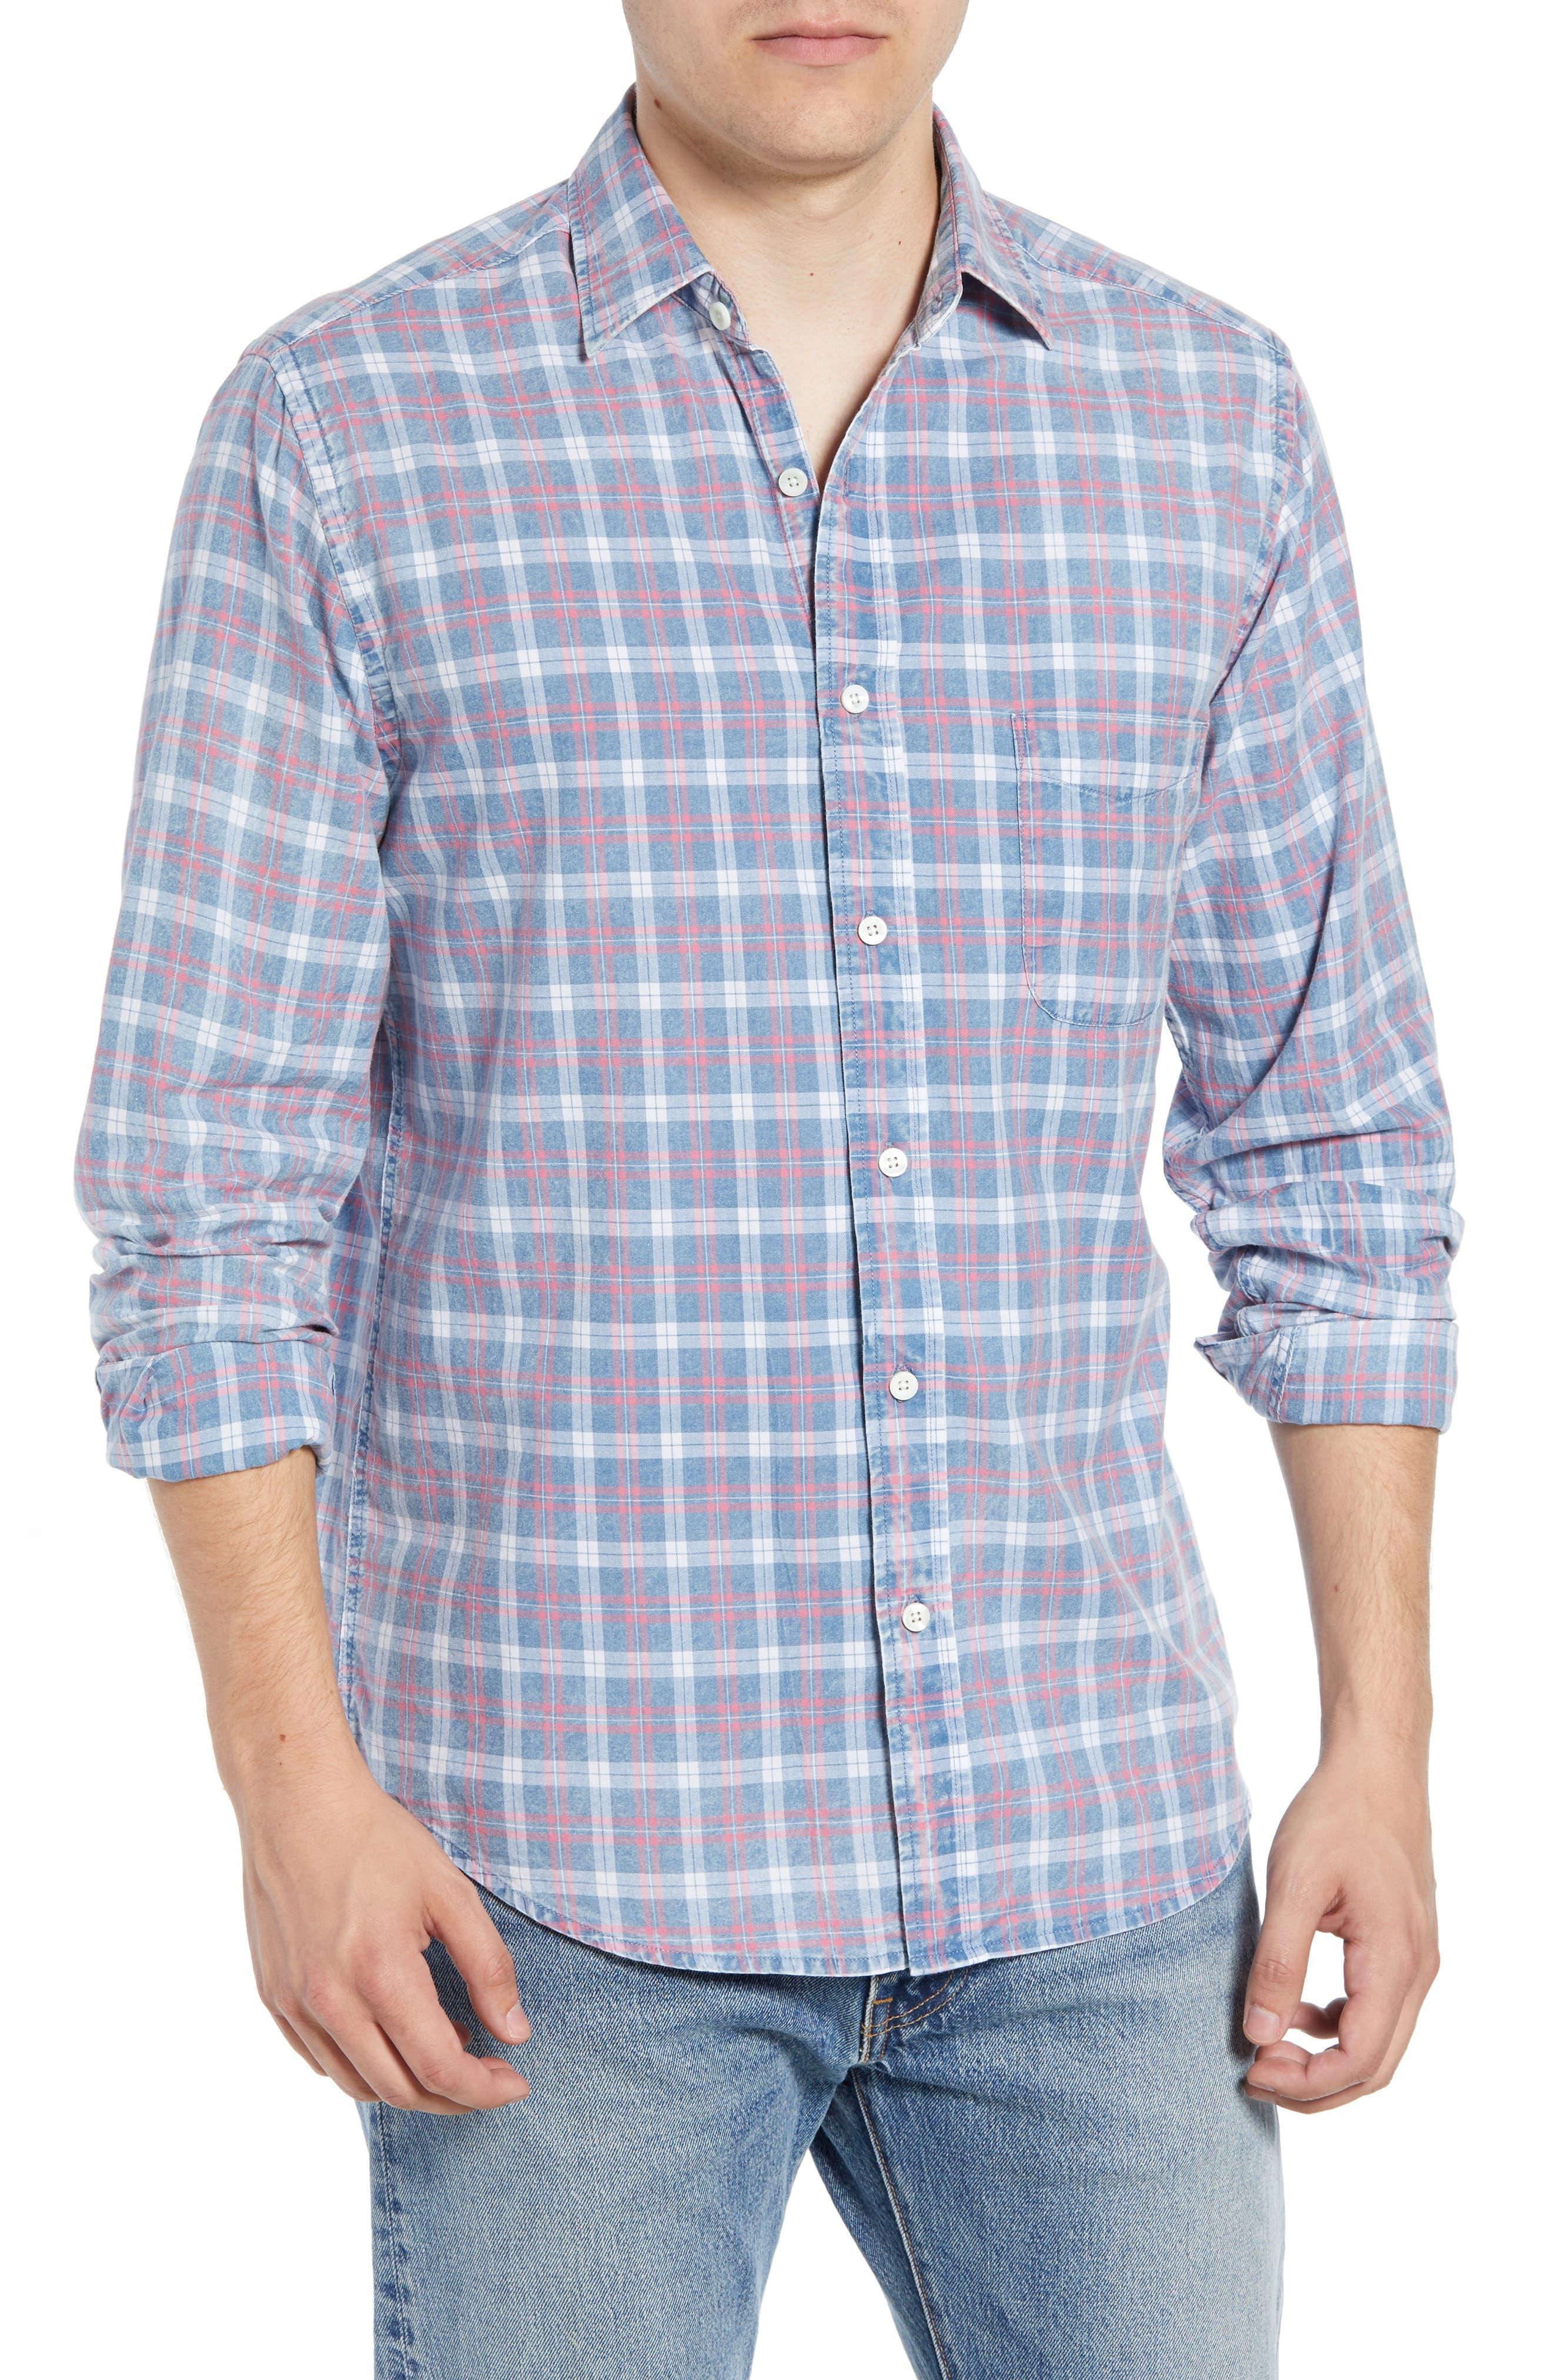 Ventura Check Sport Shirt,                         Main,                         color, 421